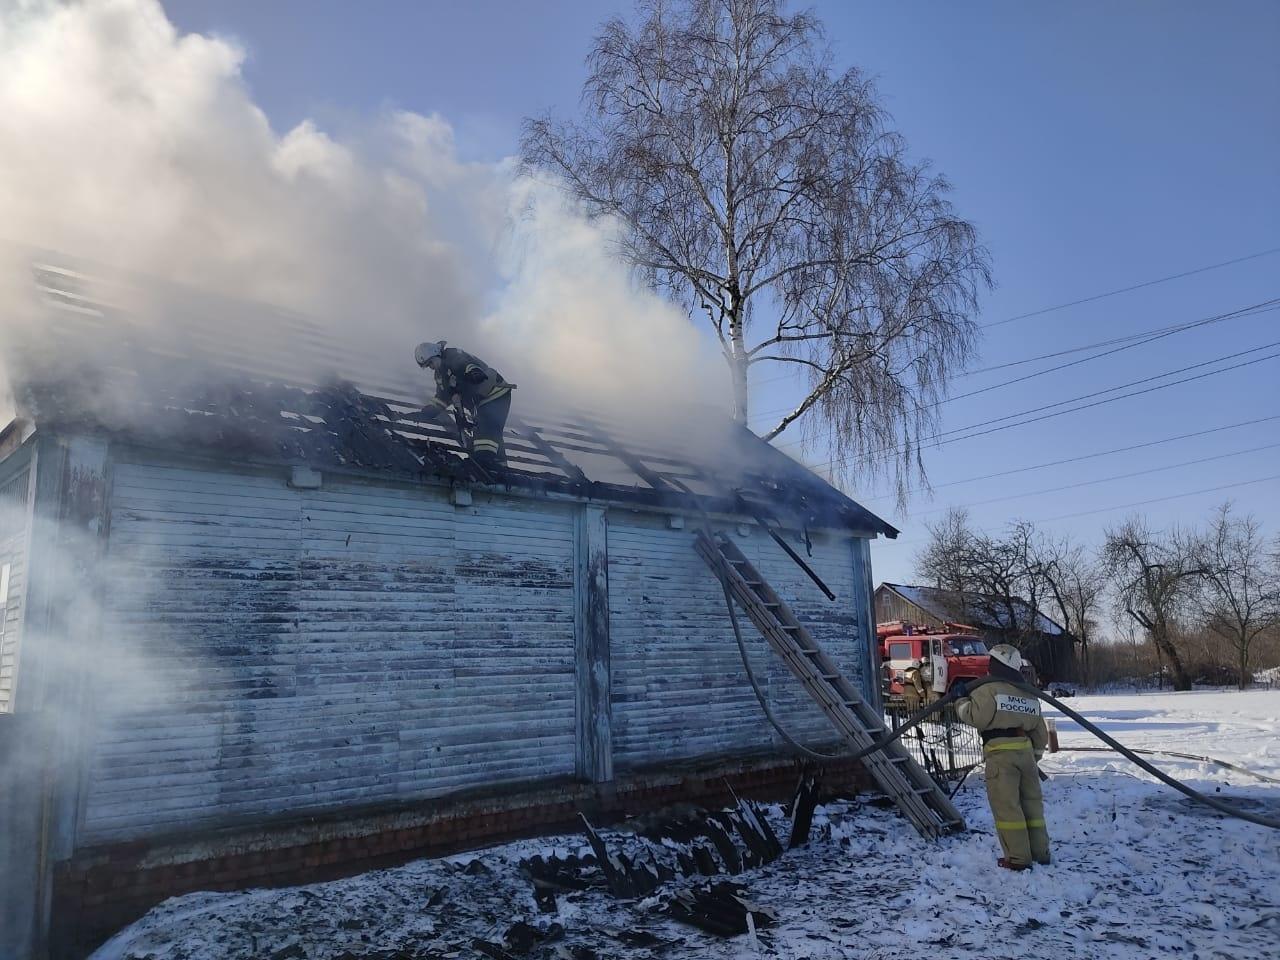 Пожар в с. Марица Льговского района Курской области ликвидирован